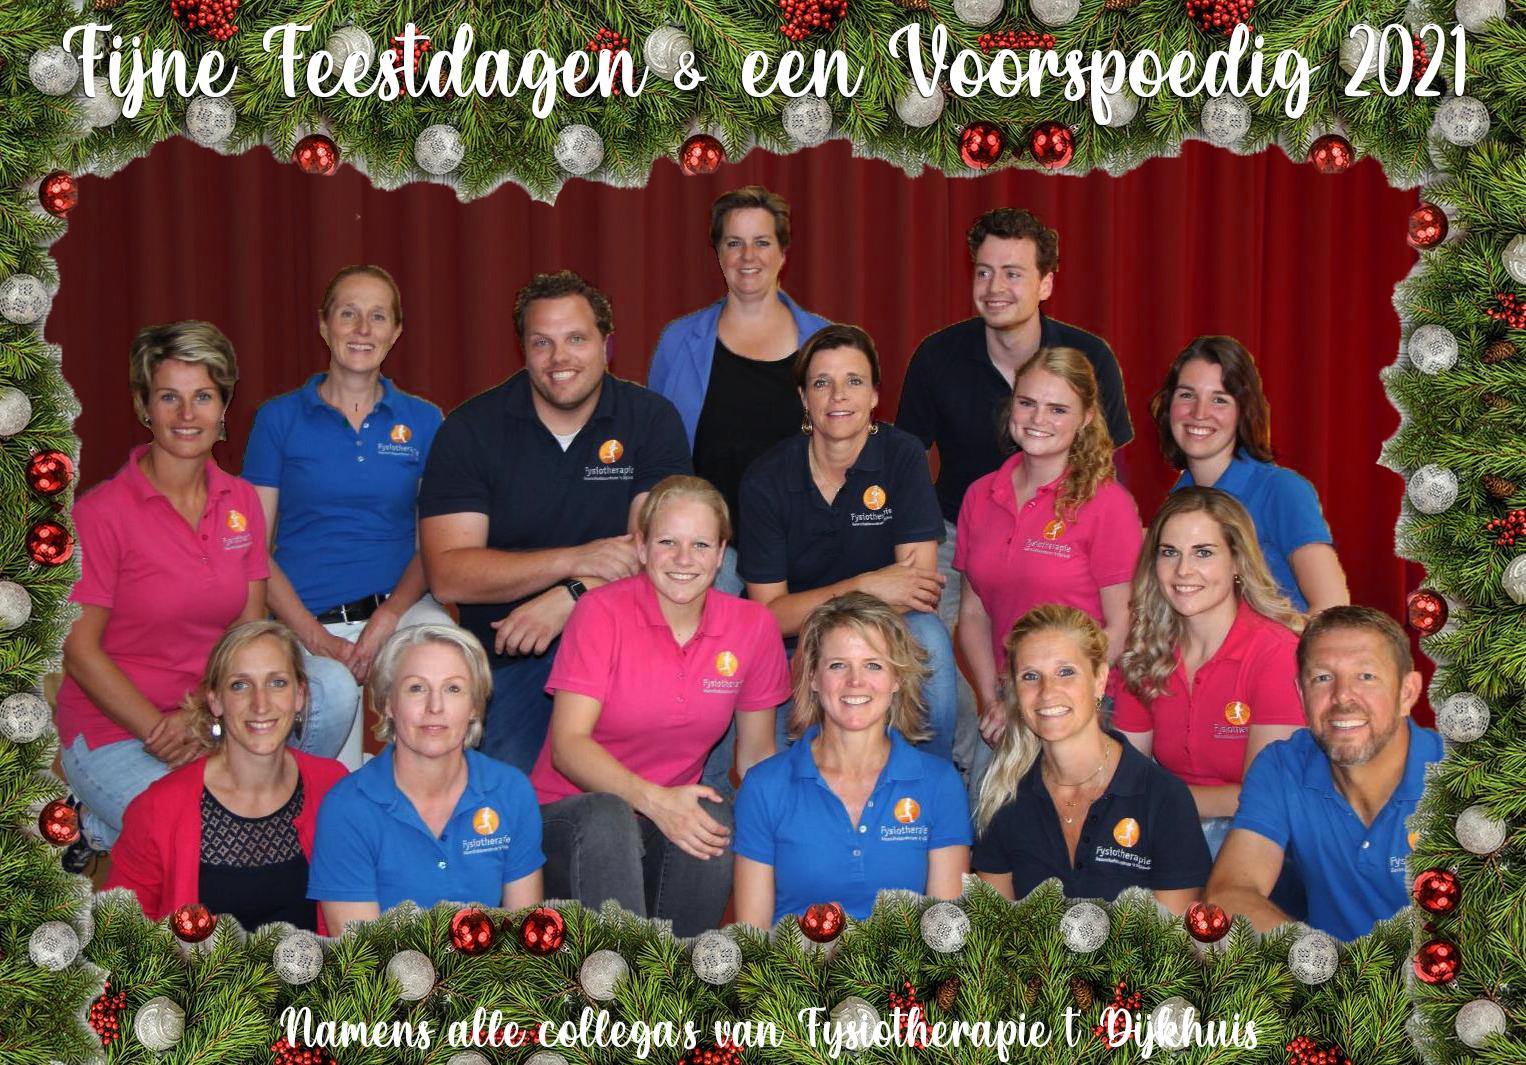 Team Fysiotherapie 't Dijkhuis wenst u fijne feestdagen en een voorspoedig 2021!